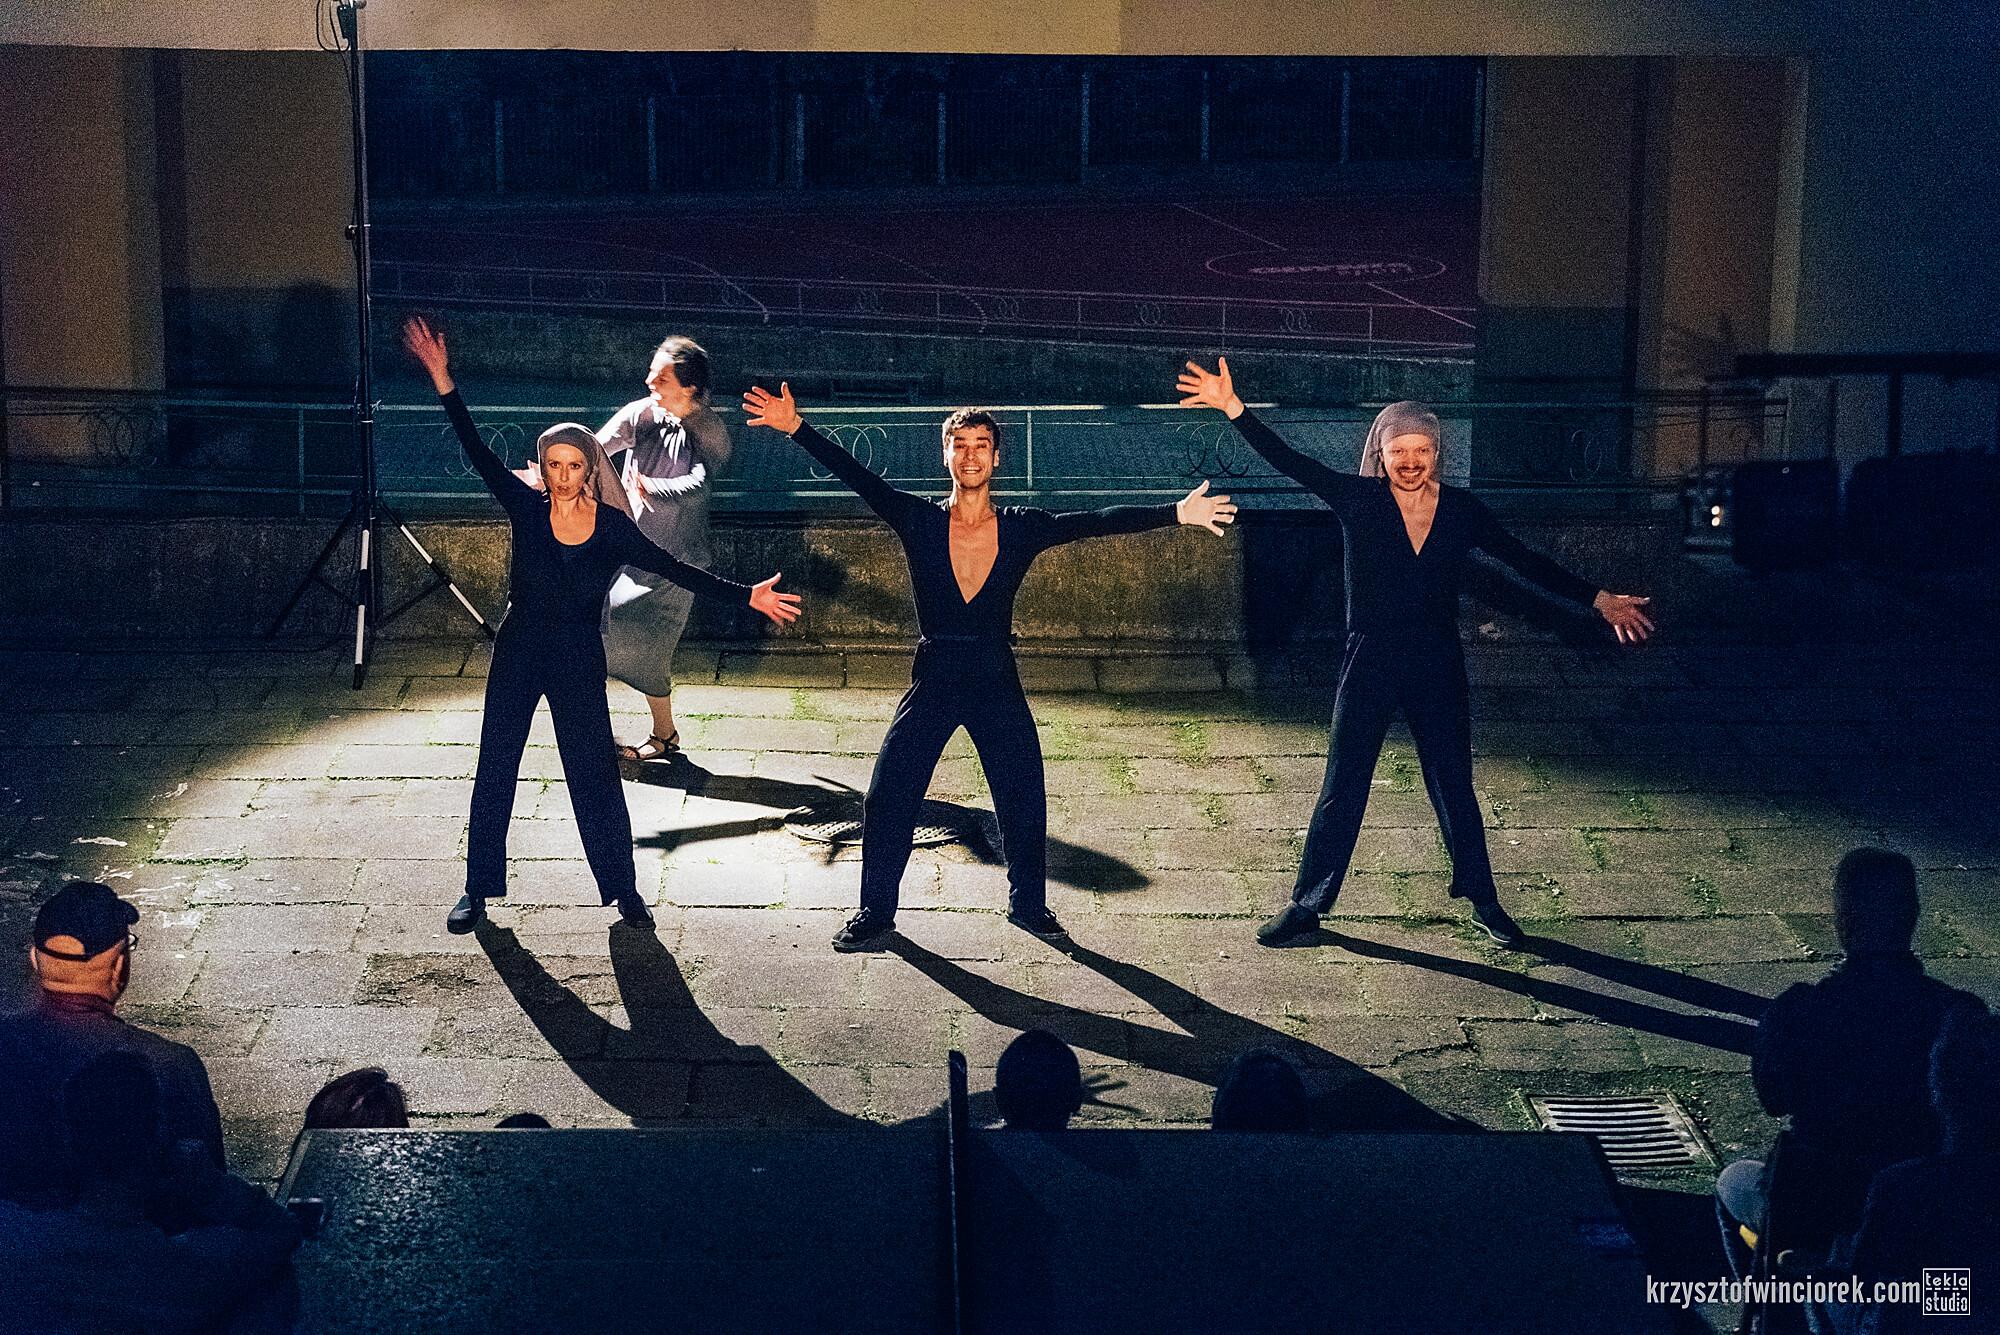 Zdjęcie z festiwalu Pociąg do miasta. Trójka aktorów ubranych na czarno z rozłozonymi na boki rękoma.